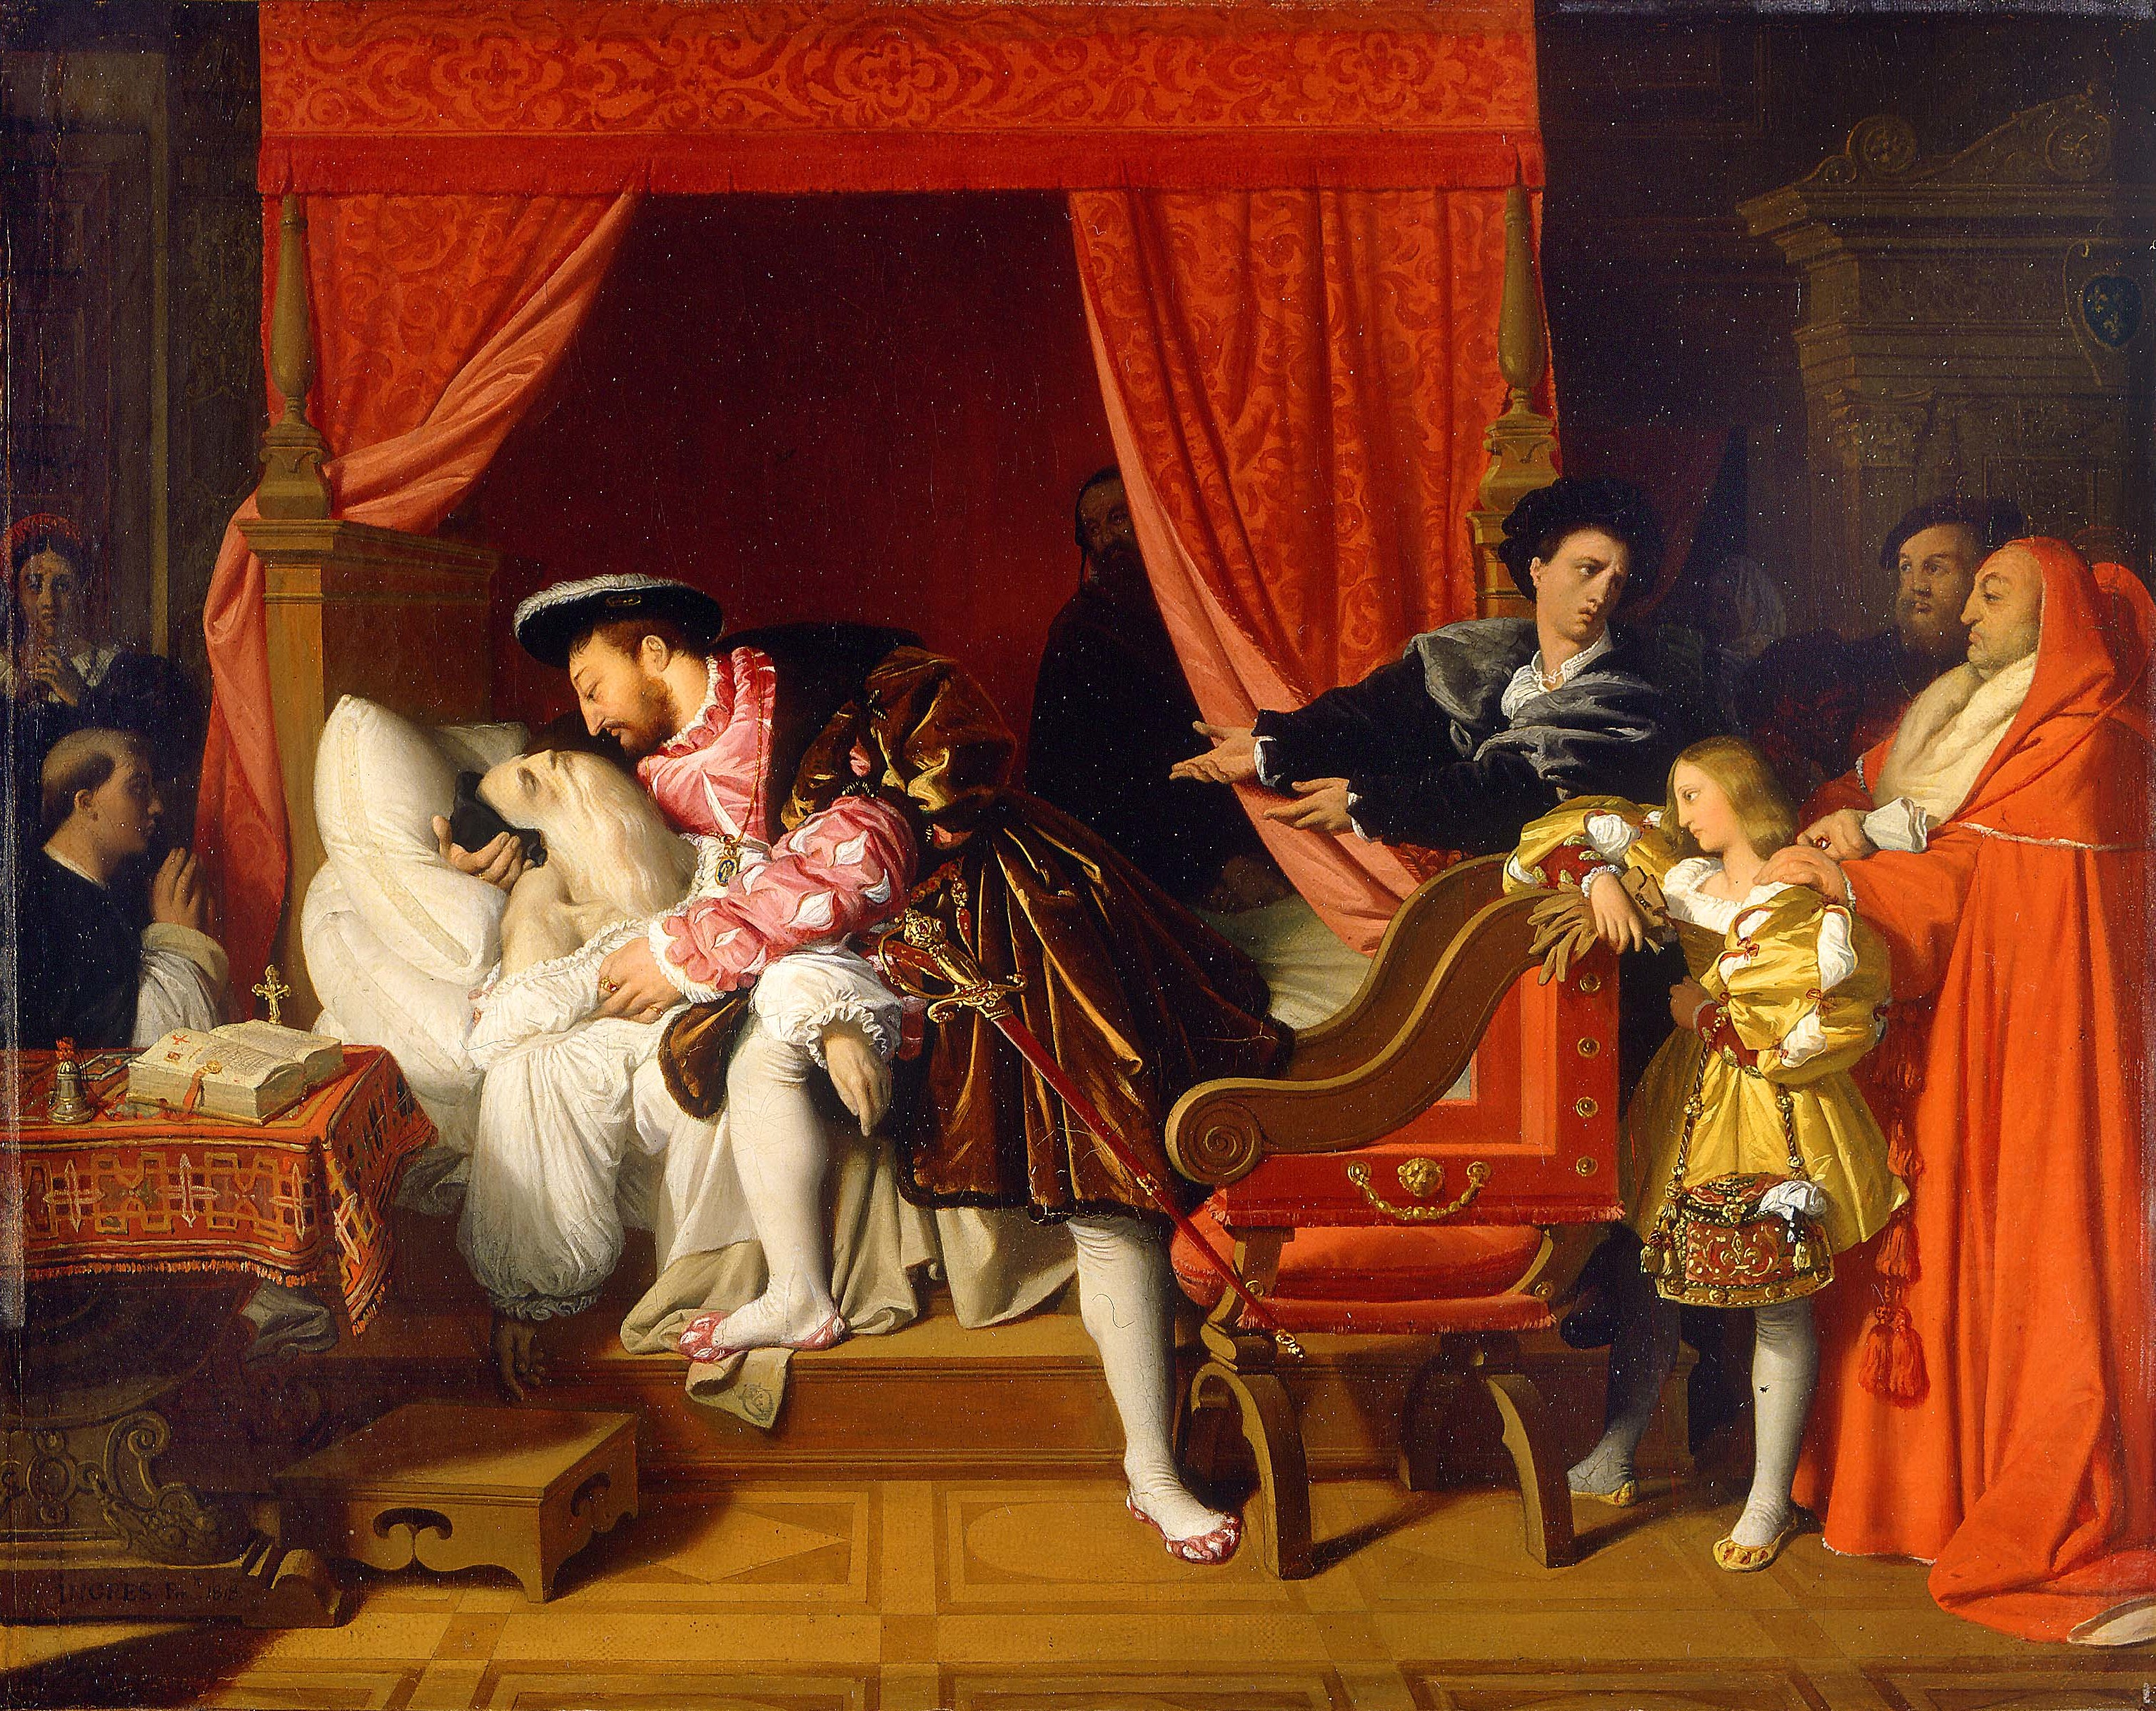 Depiction of Estilo trovador